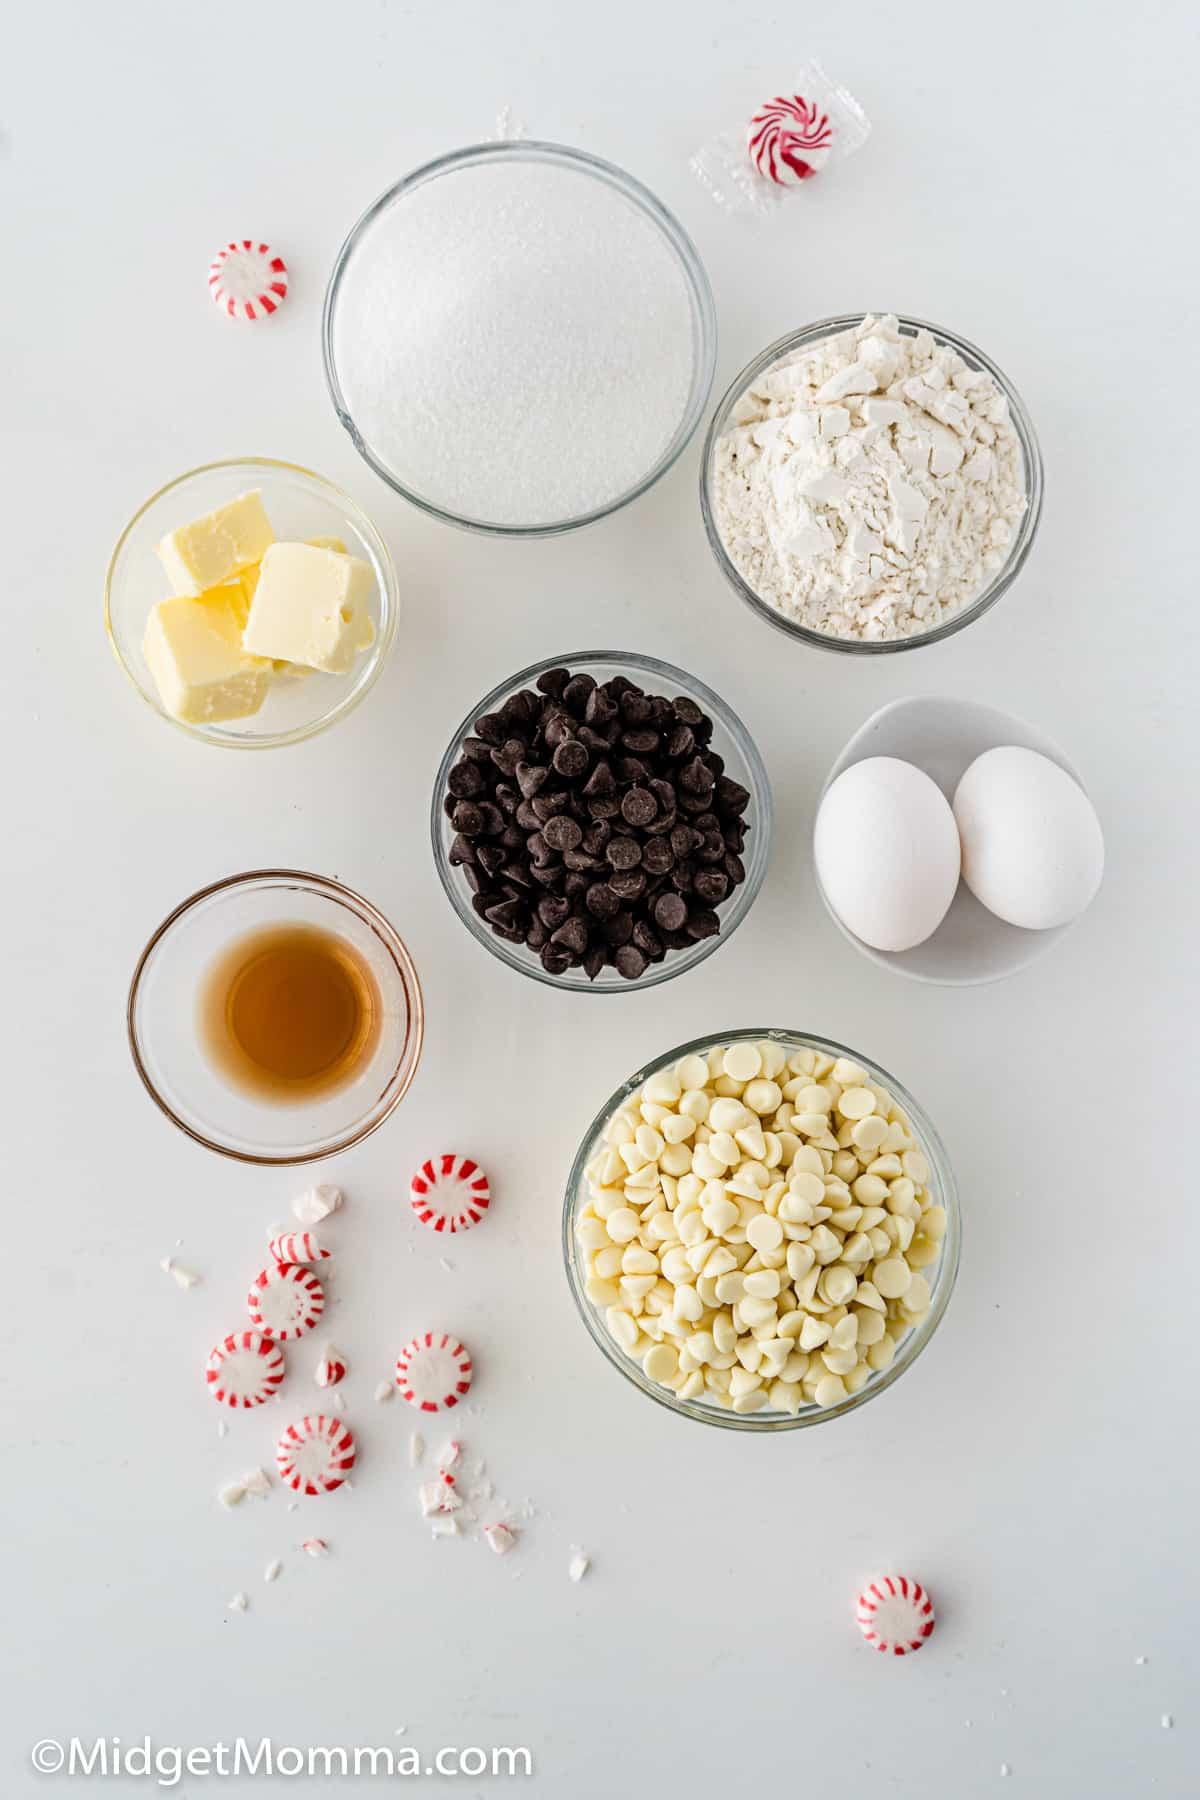 Peppermint Bark Brownies ingredients